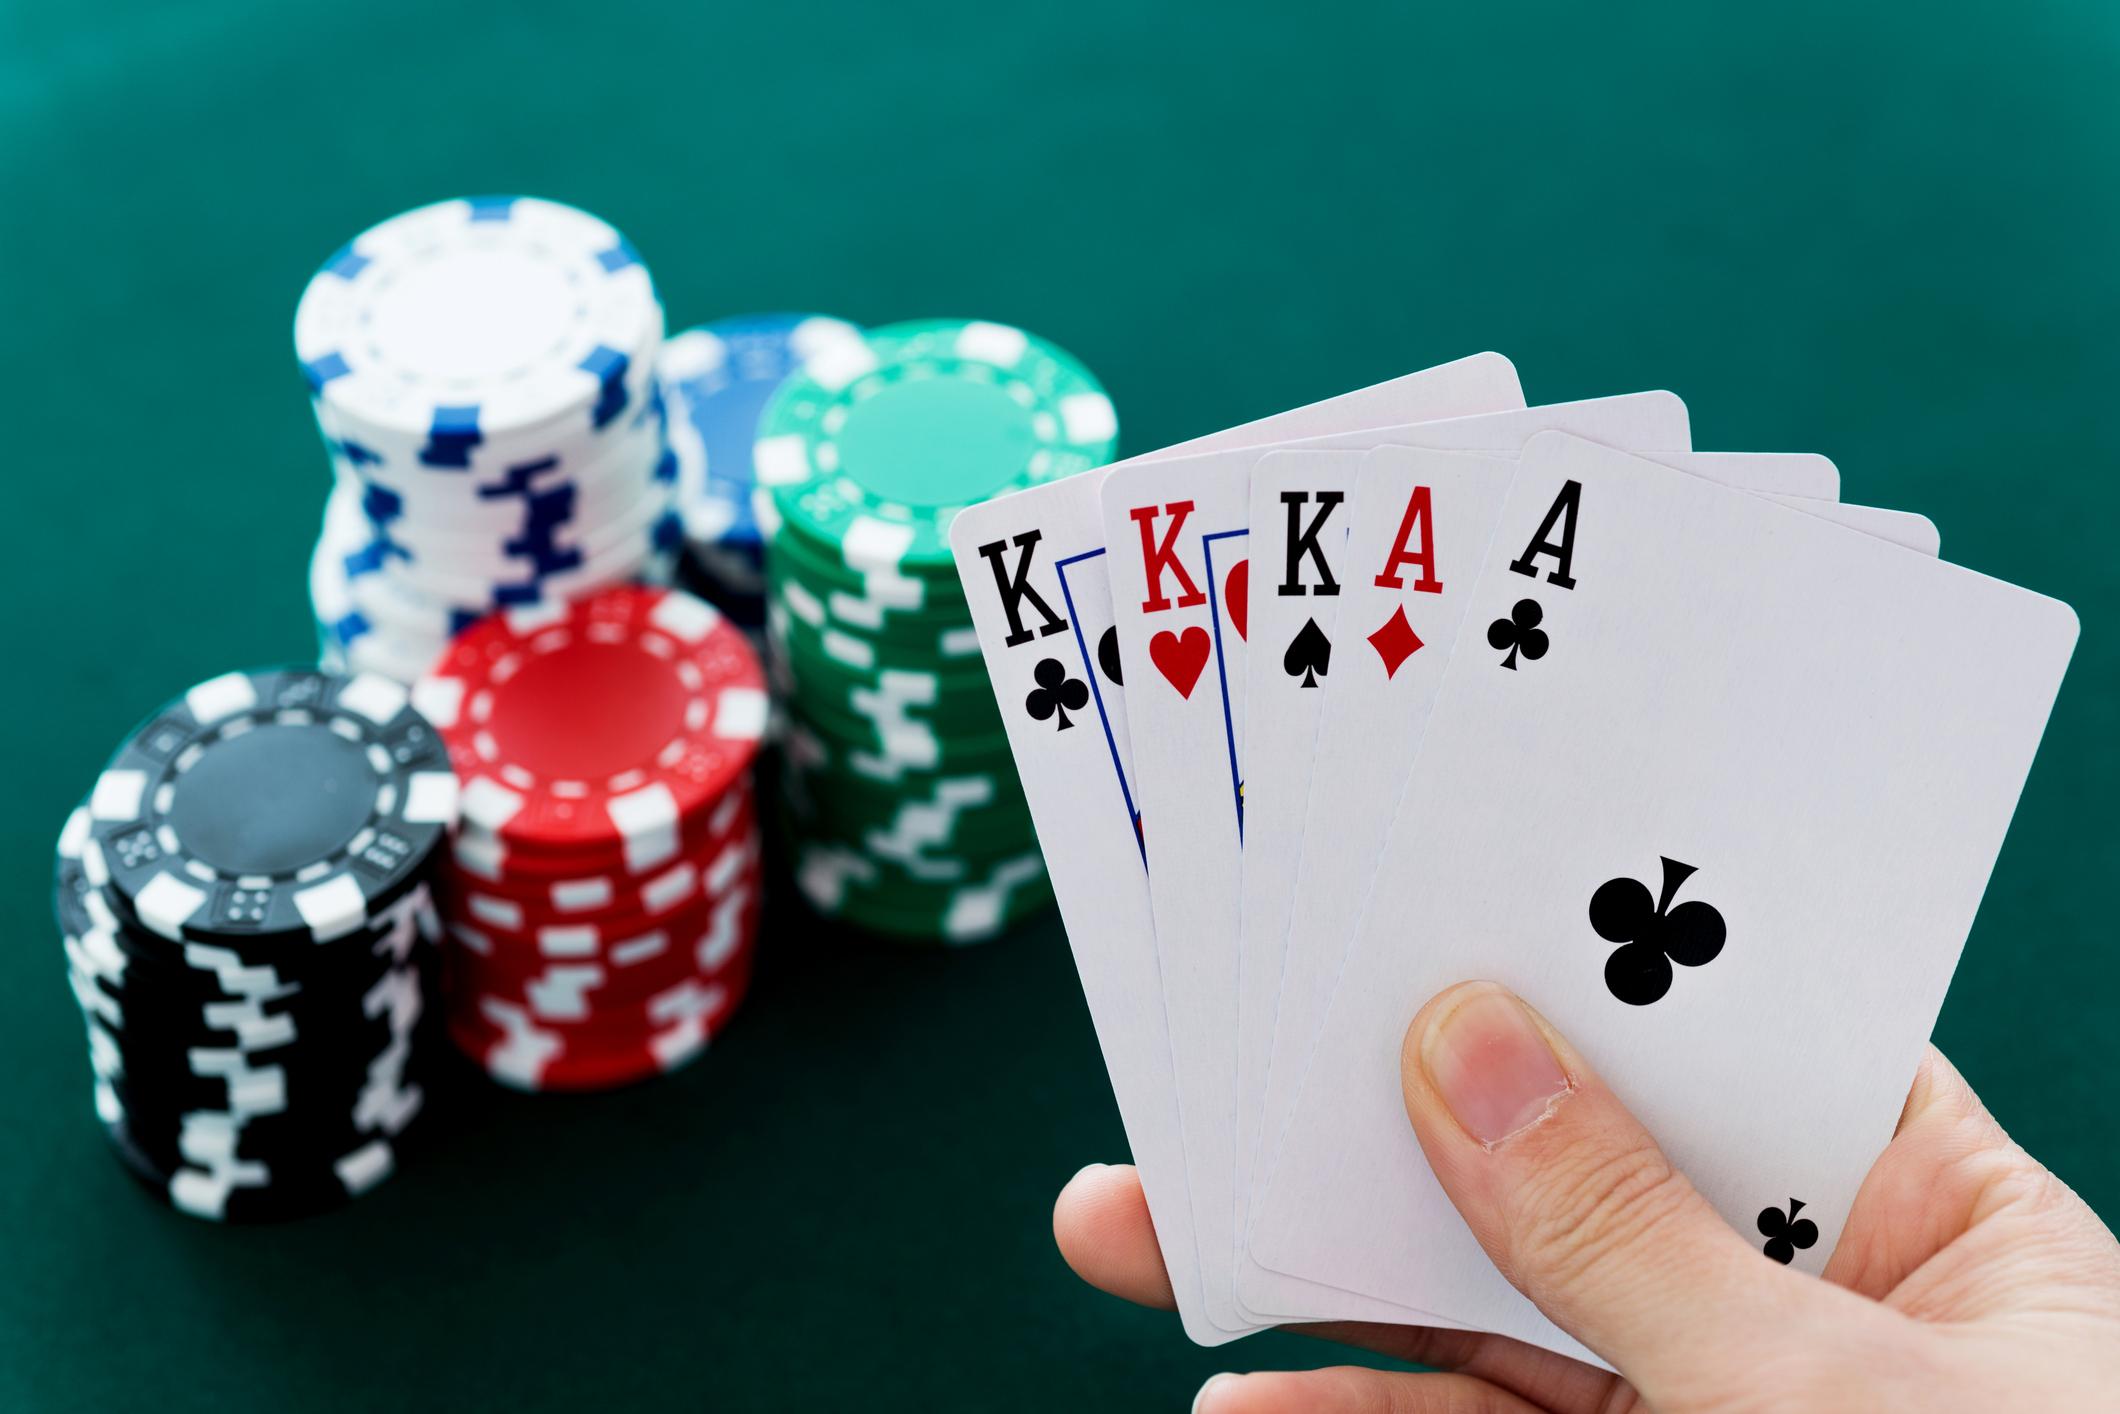 Inovasi Permainan Live Poker Online yang Berkembang saat Ini